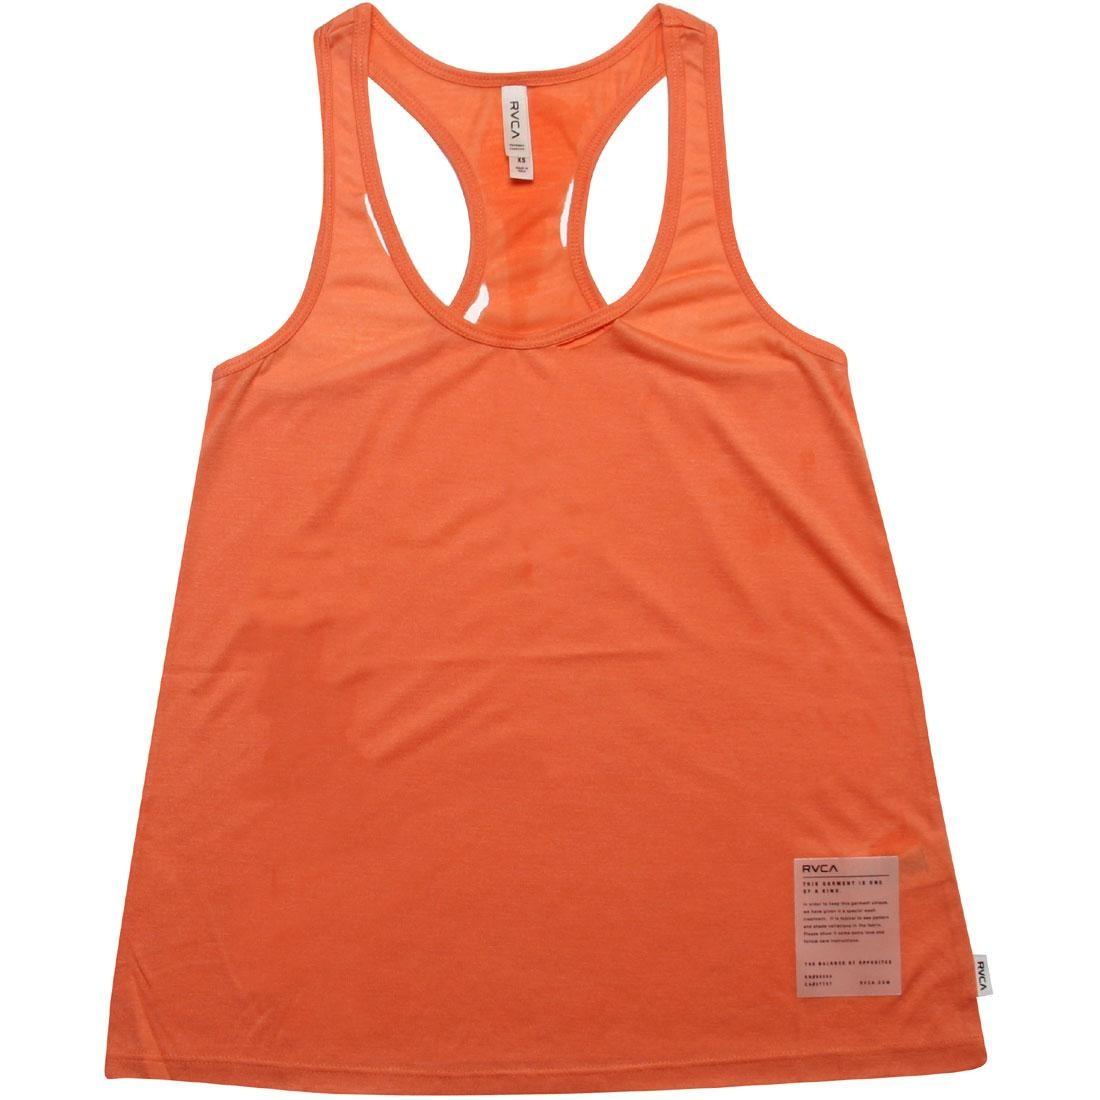 RVCA ルーカ タンクトップ 橙 オレンジ 【 RVCA ORANGE MOVE OVER TANK TOP MELON 】 メンズファッション トップス タンクトップ